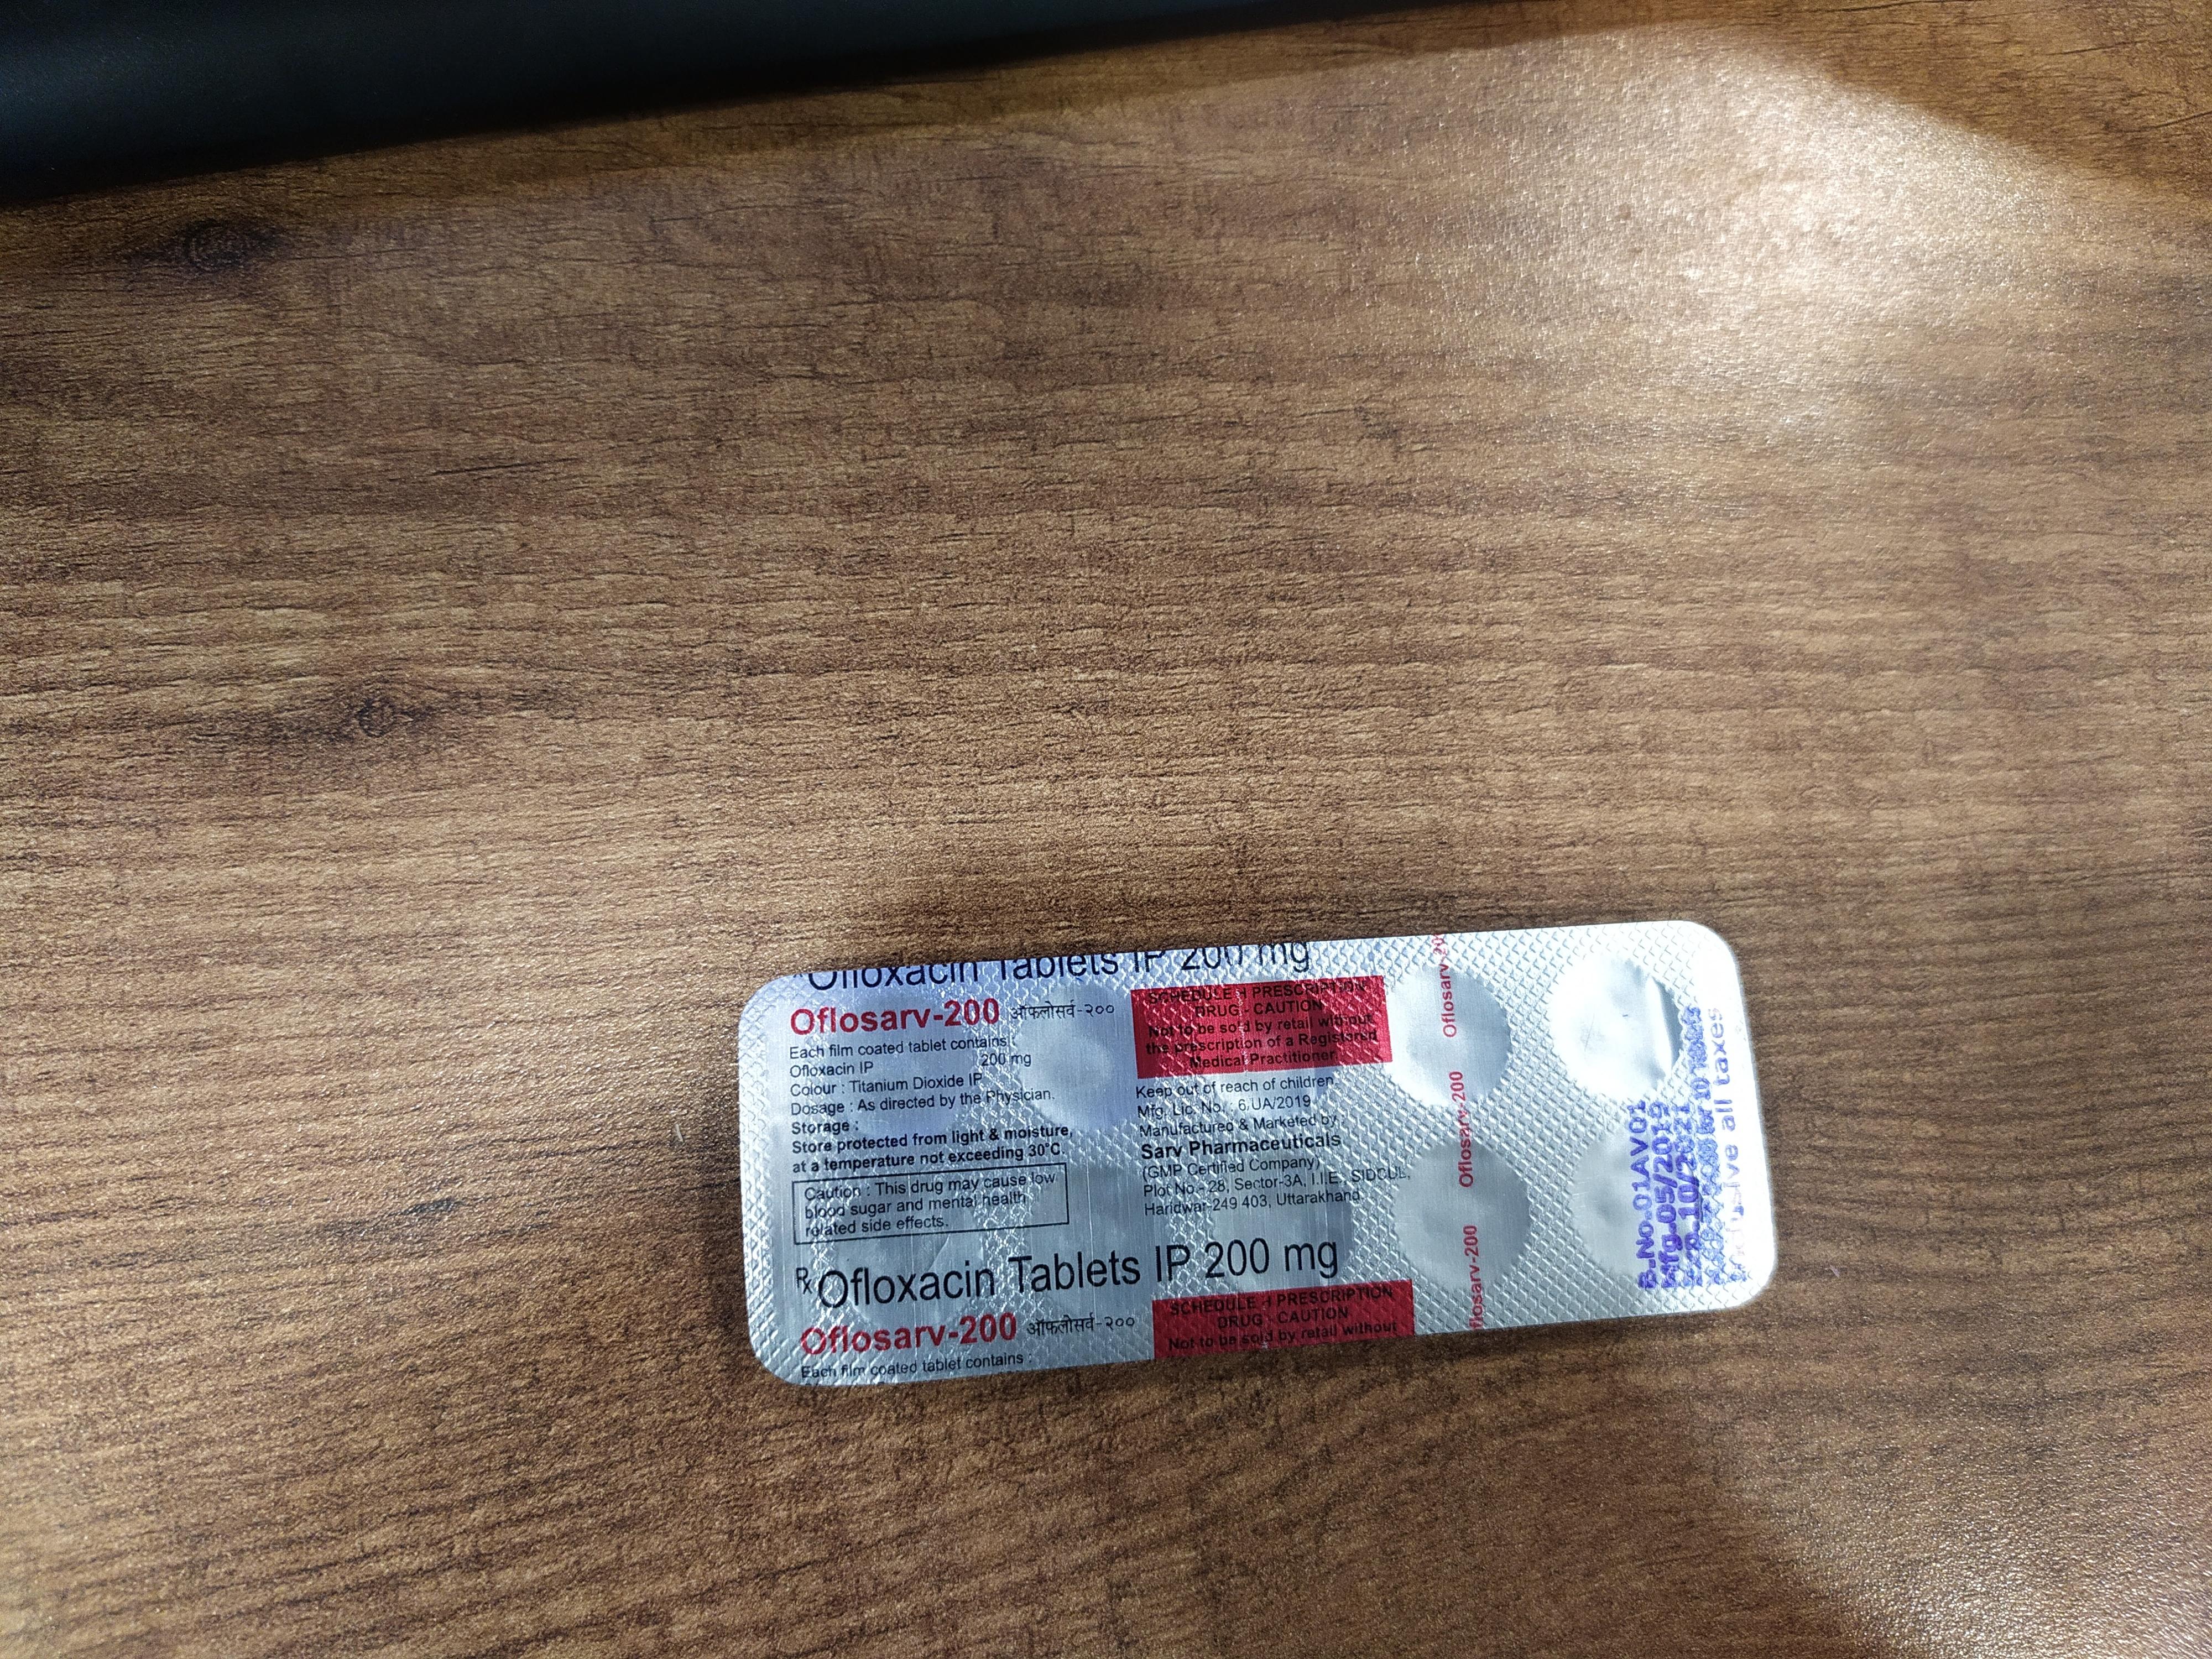 Ofloxacin Tablets 200mg